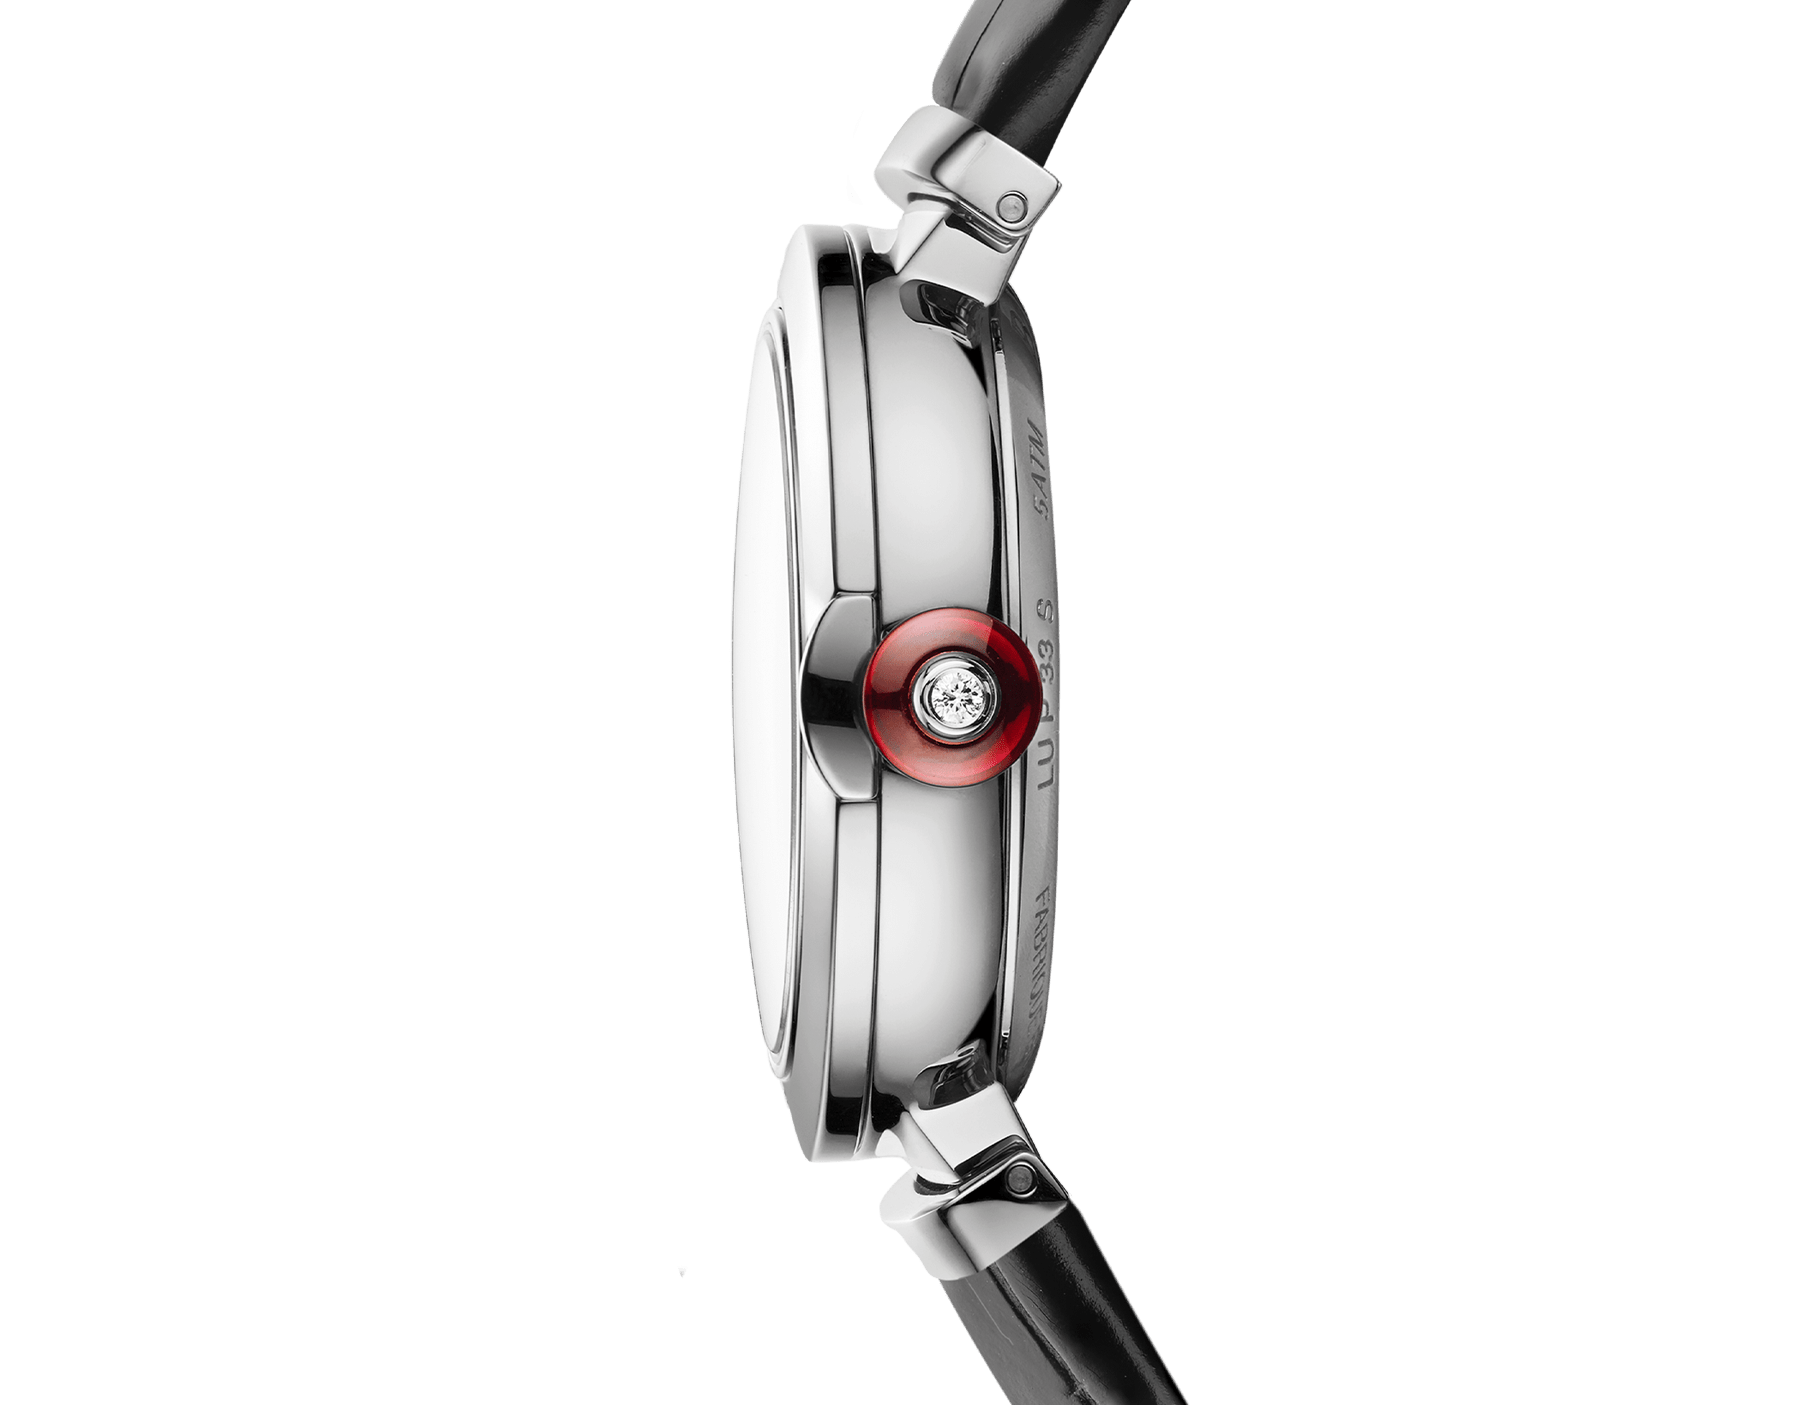 LVCEA Uhr mit Gehäuse aus Edelstahl, Zifferblatt mit weißem Perlmutt-Intarsio, Diamantindizes und schwarzem Armband aus Alligatorleder 103478 image 3